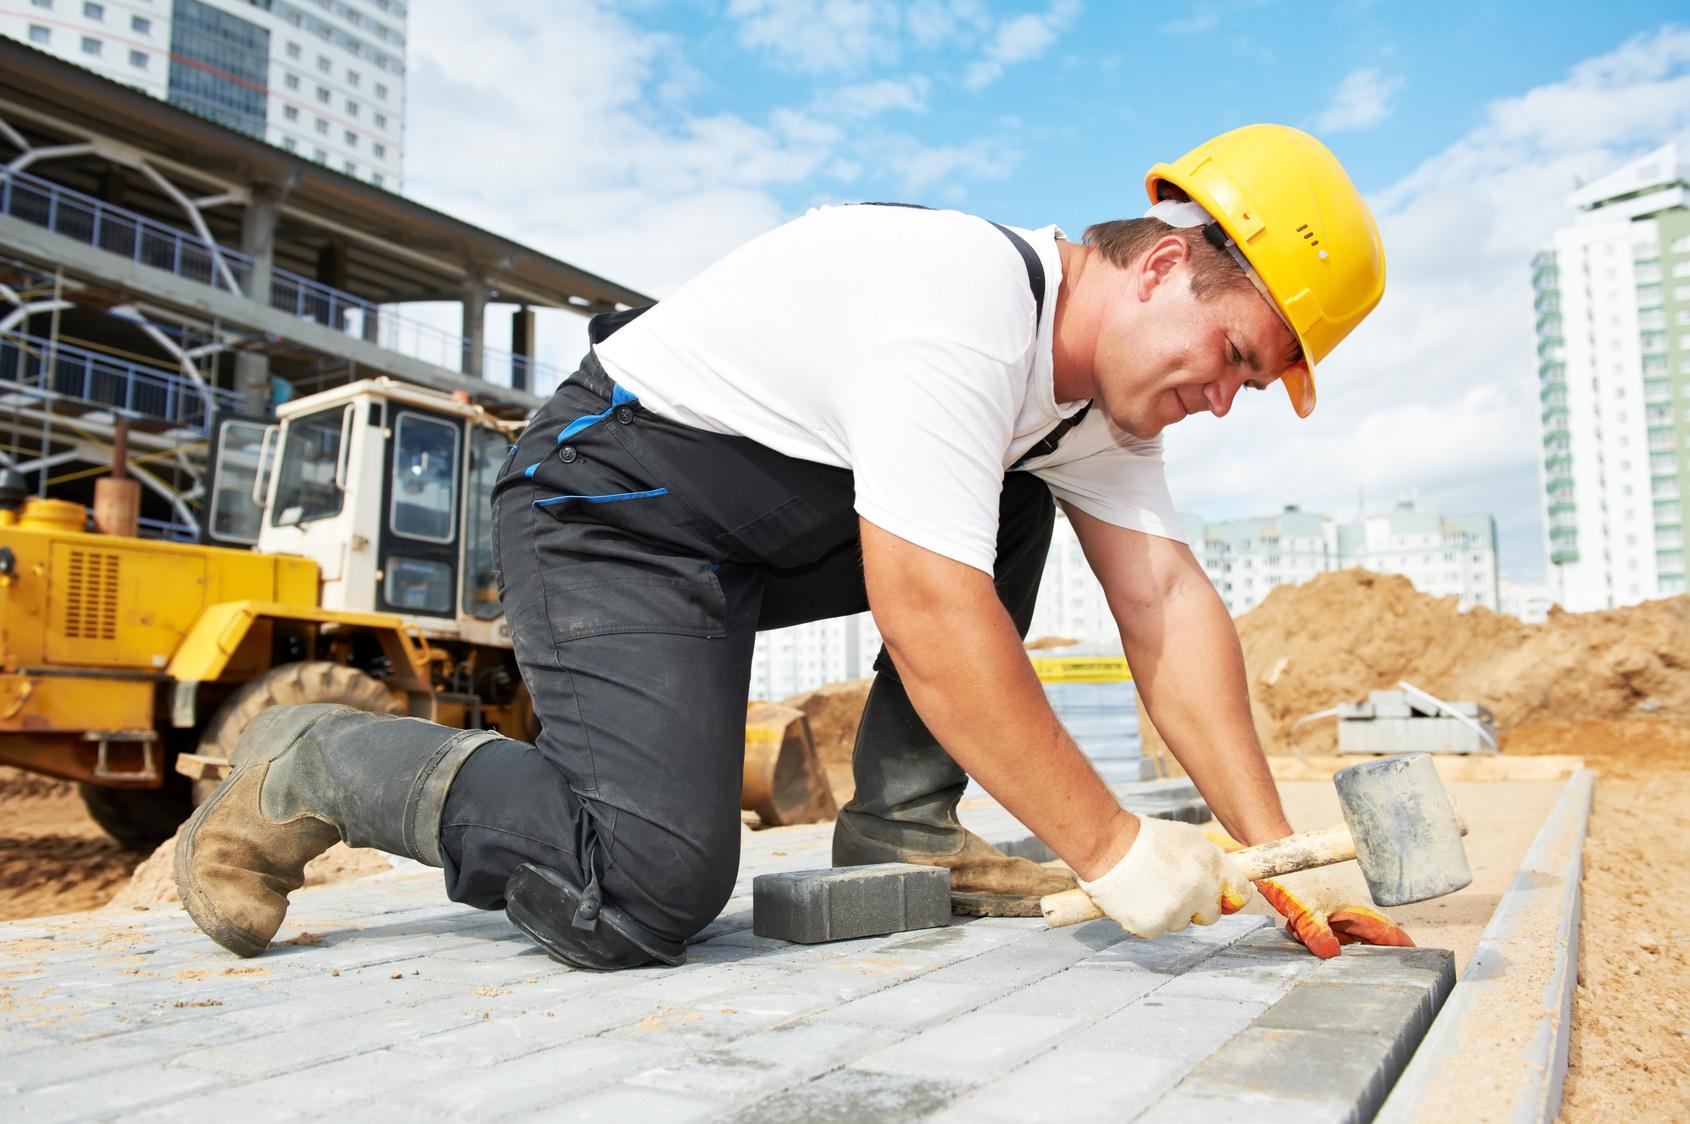 Accidente de munca: procedura de cercetare